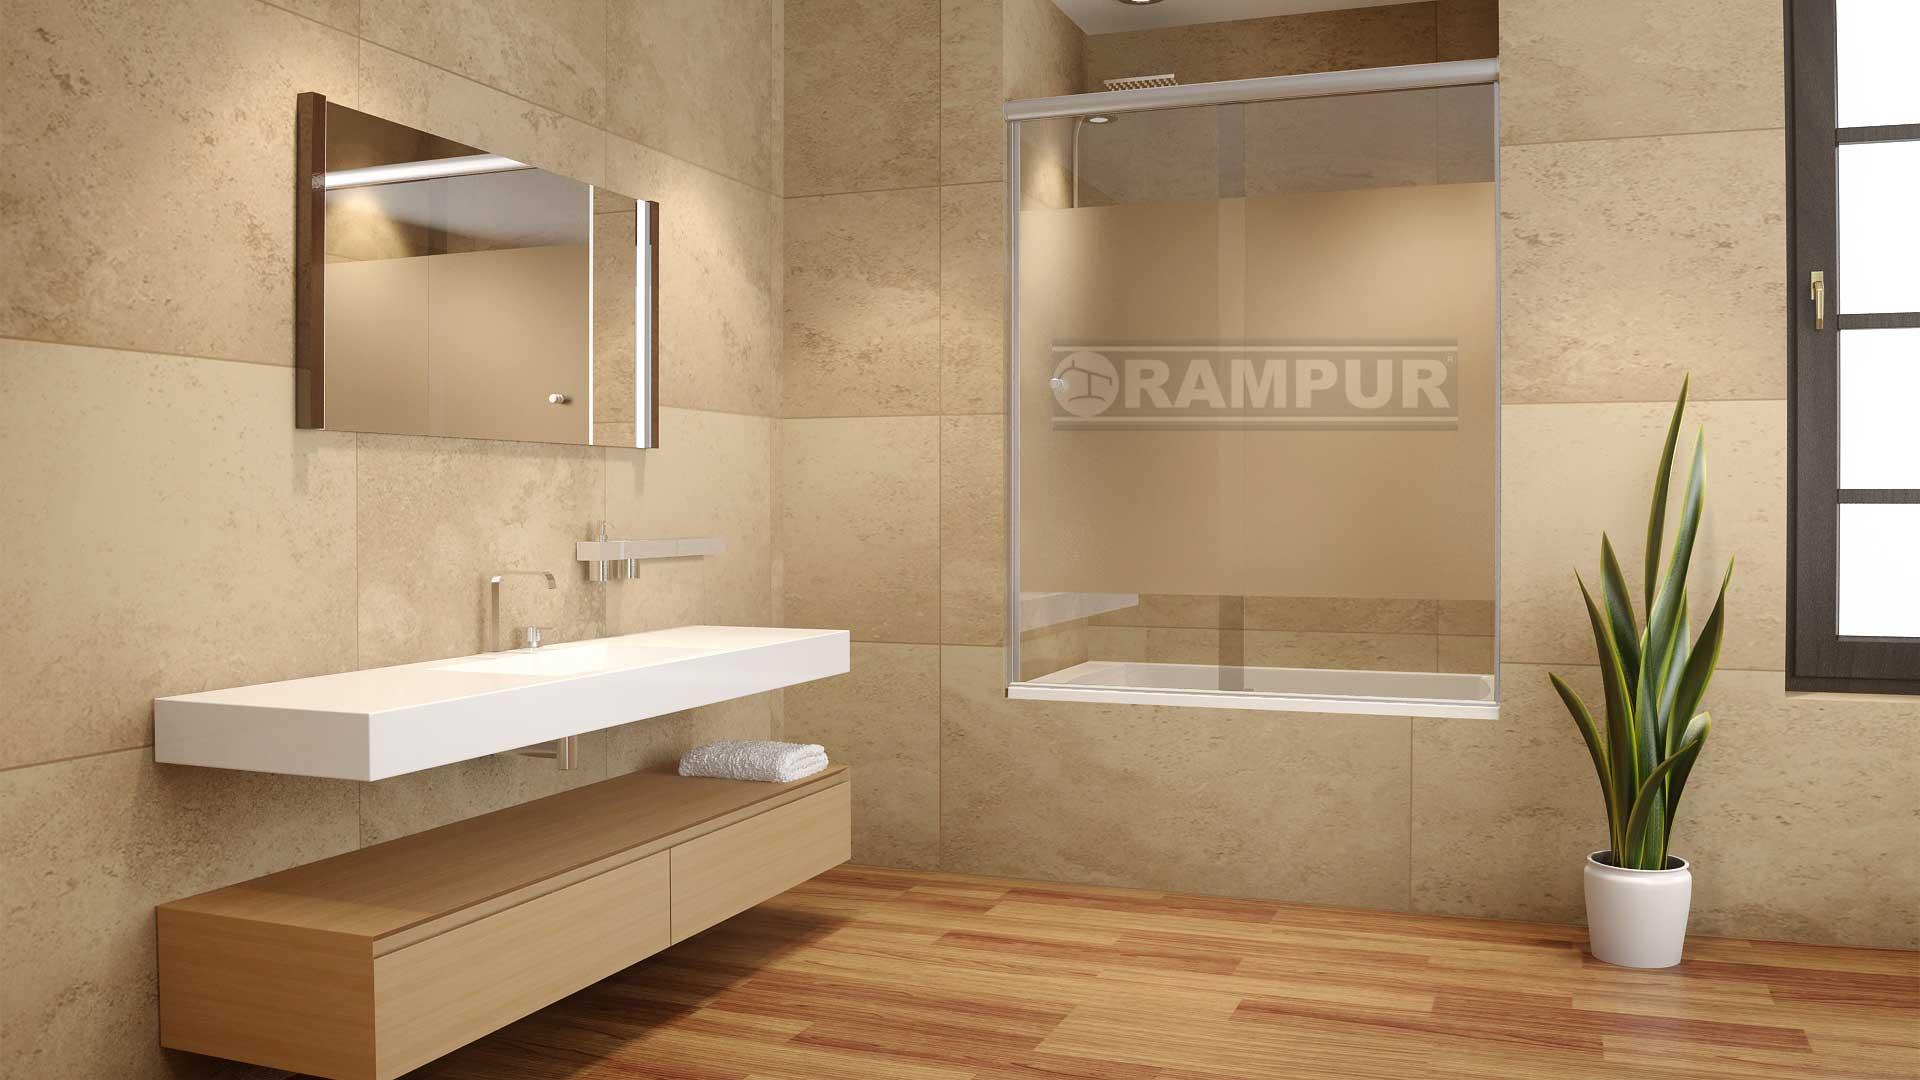 Rampur mamparas de ba os de vidrio lacar 2 h premium Ver mamparas para banos